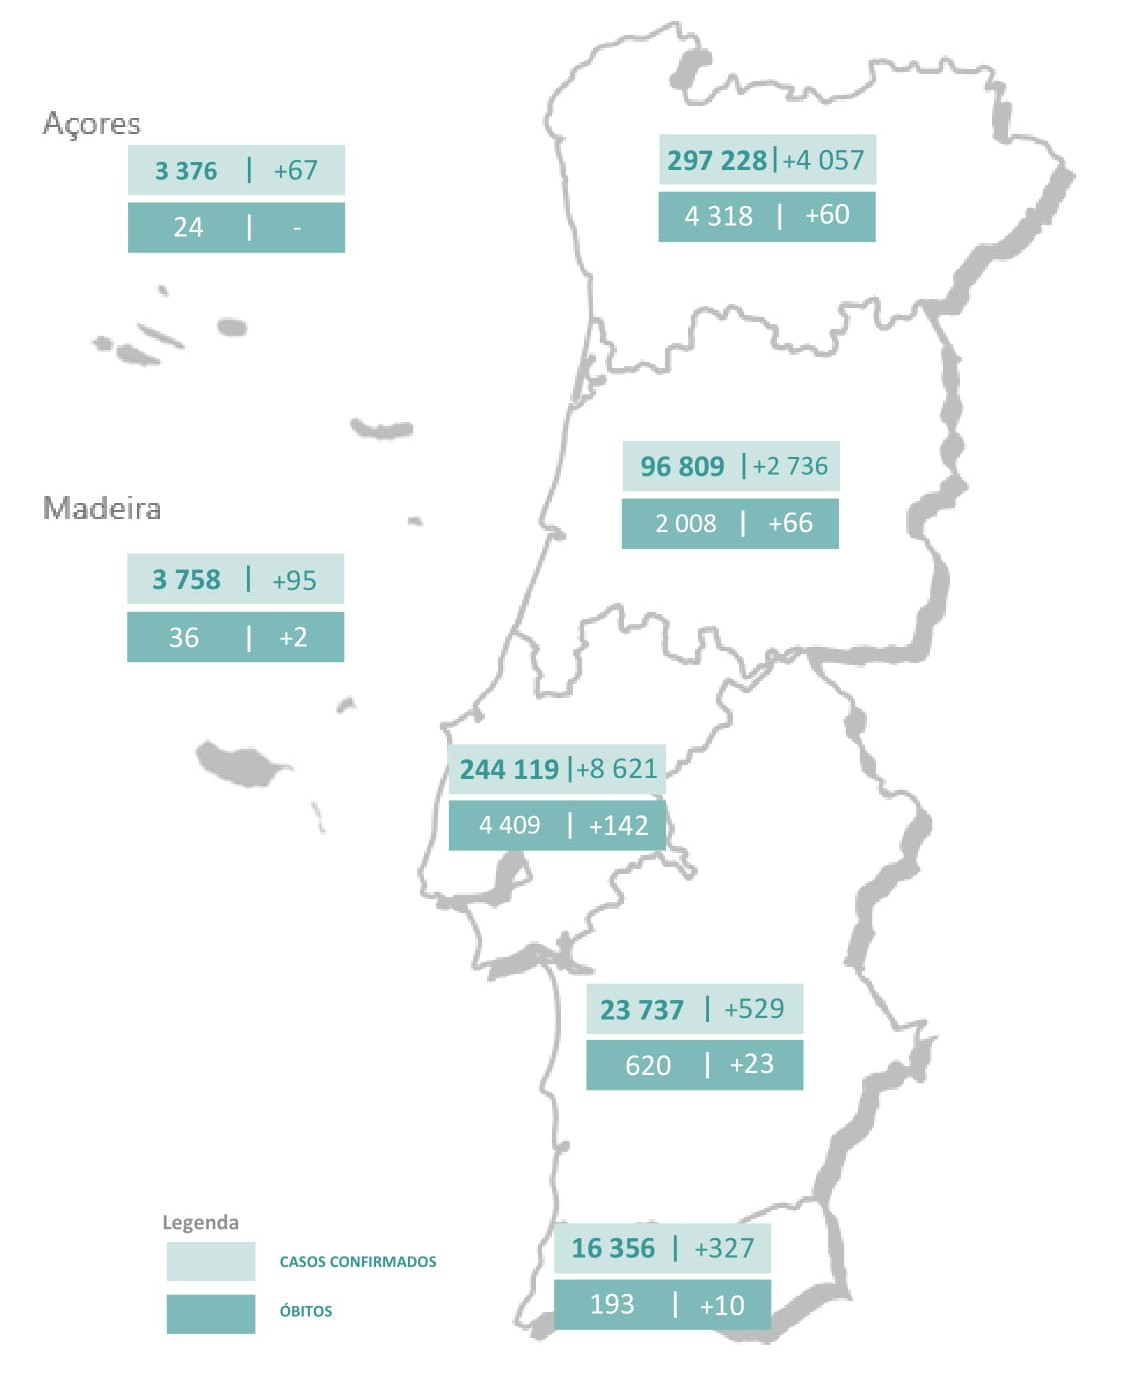 Mais de 300 mortes e recorde de casos em Portugal